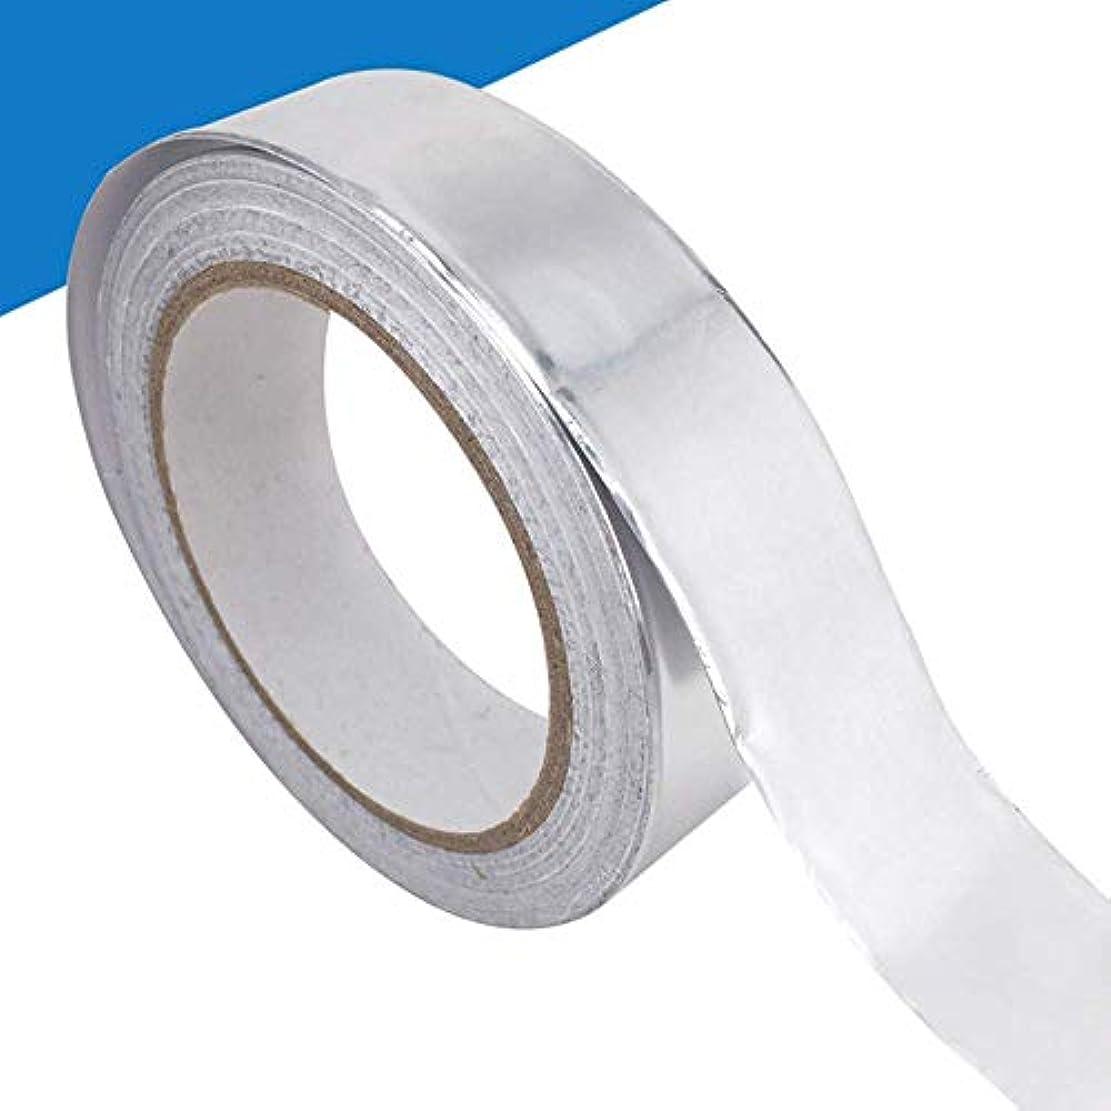 指紋あいさつ欲求不満Simg 導電性アルミテープ アルミ箔テープ 放射線防護 耐熱性 防水 多機能 25mm幅x20m